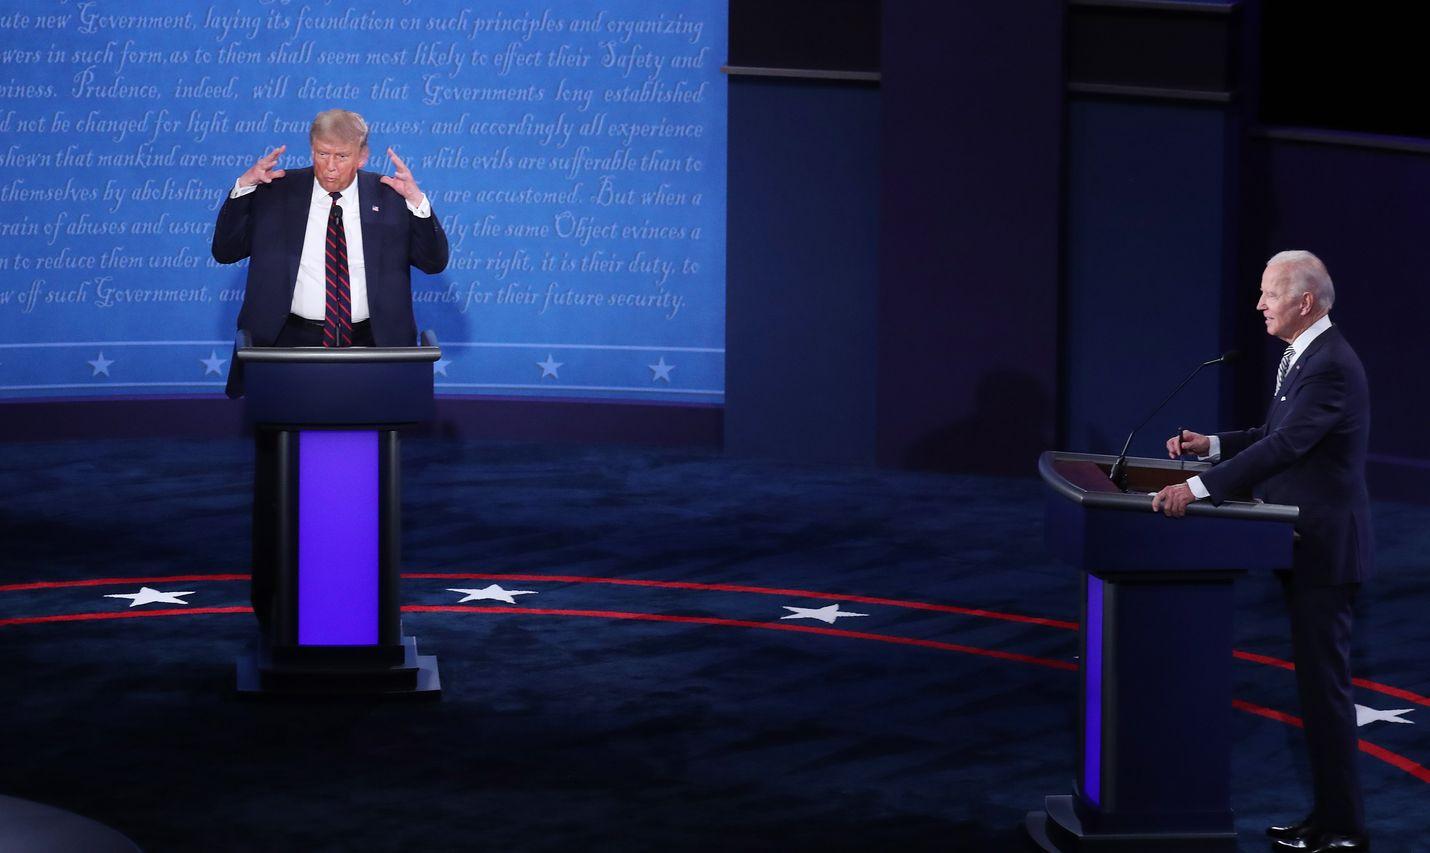 Mielipidemittaukset ennustavat yhä Yhdysvaltojen presidentinvaaleissa voittoa demokraattien Joe Bidenille, jonka kannatus on Donald Trumpia suurempaa niin maanlaajuisesti kuin osavaltiotasolla.